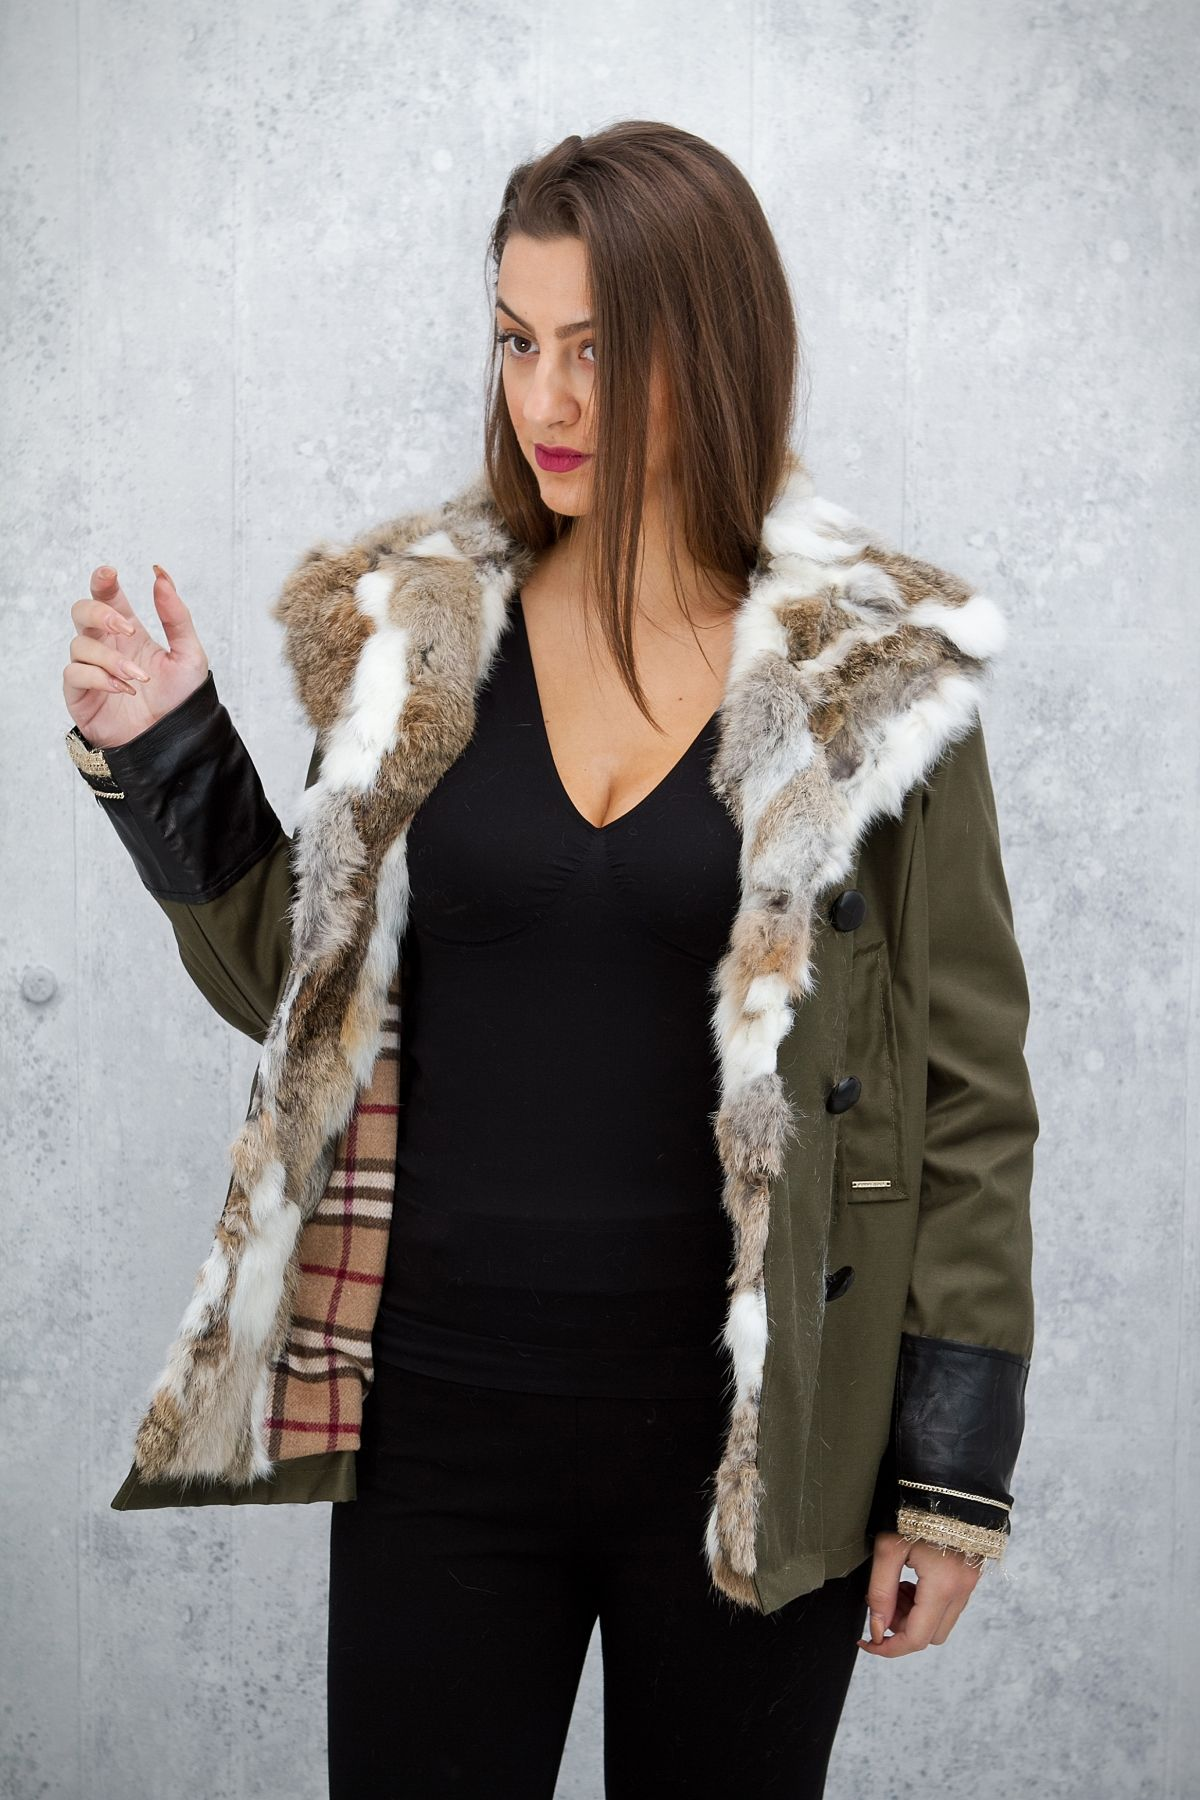 ΚΟΝΤΟ ΜΠΟΥΦΑΝ ΜΕ ΓΟΥΝΑ ΣΤΟ ΓΙΑΚΑ ΚΑΙ ΔΕΡΜΑΤΙΝΕΣ ΛΕΠΤΟΜΕΡΕΙΕΣ ΣΤΟ ΜΑΝΙΚΙ - Real  Lady - Shop Online 19ed9517e3e